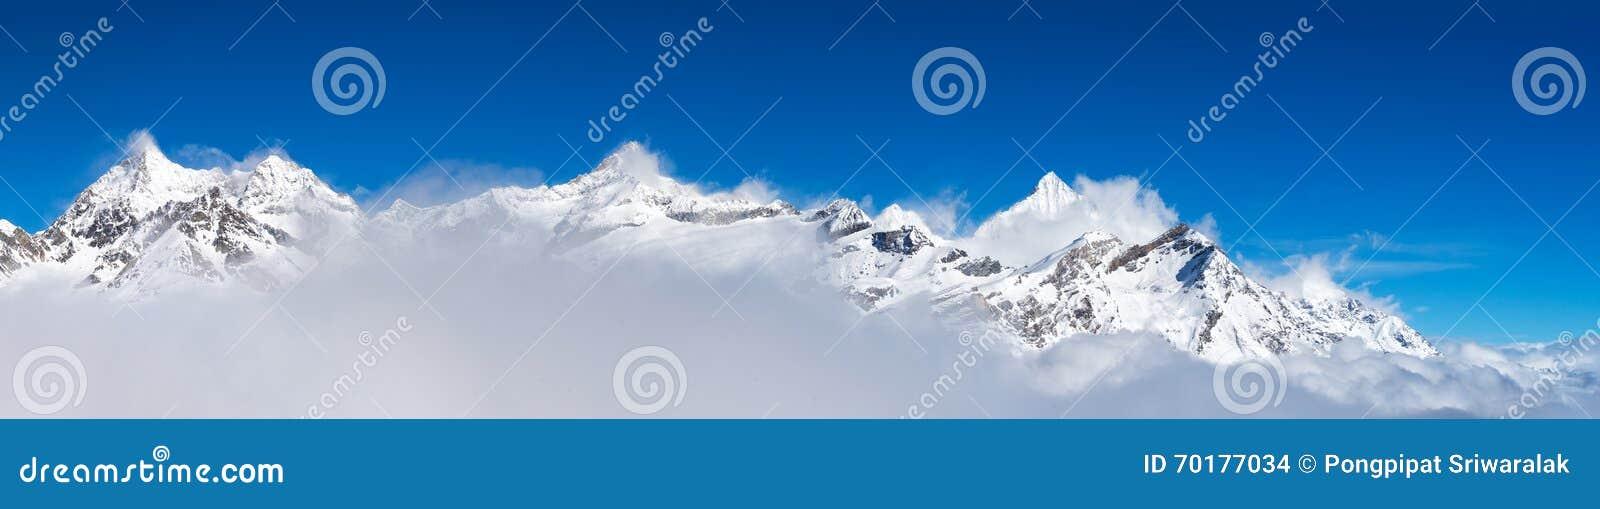 Snöberg runt om det Matterhorn maximumet